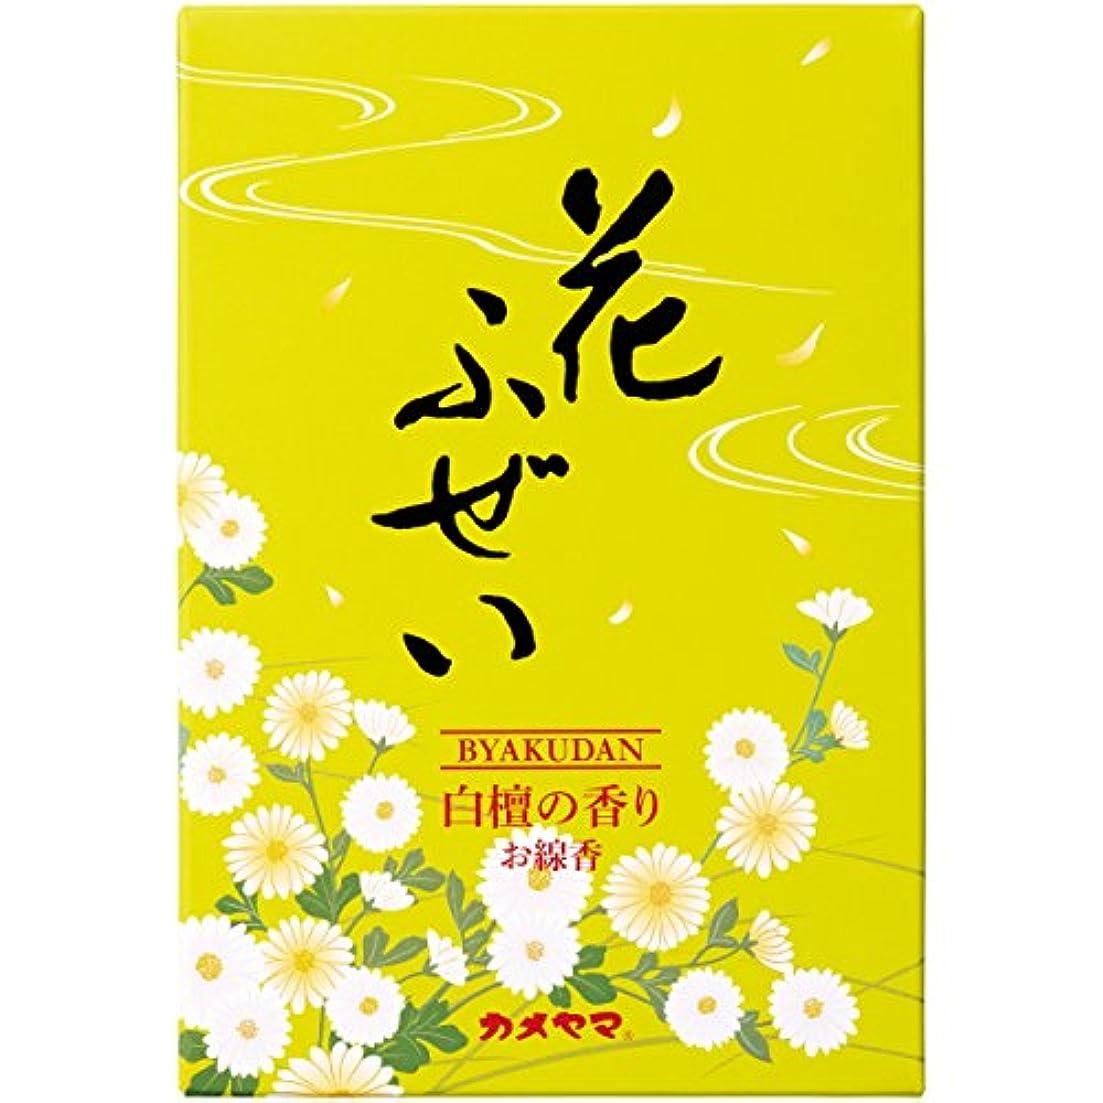 プラットフォーム偽善砂利カメヤマ 花ふぜい(黄)白檀 徳用大型